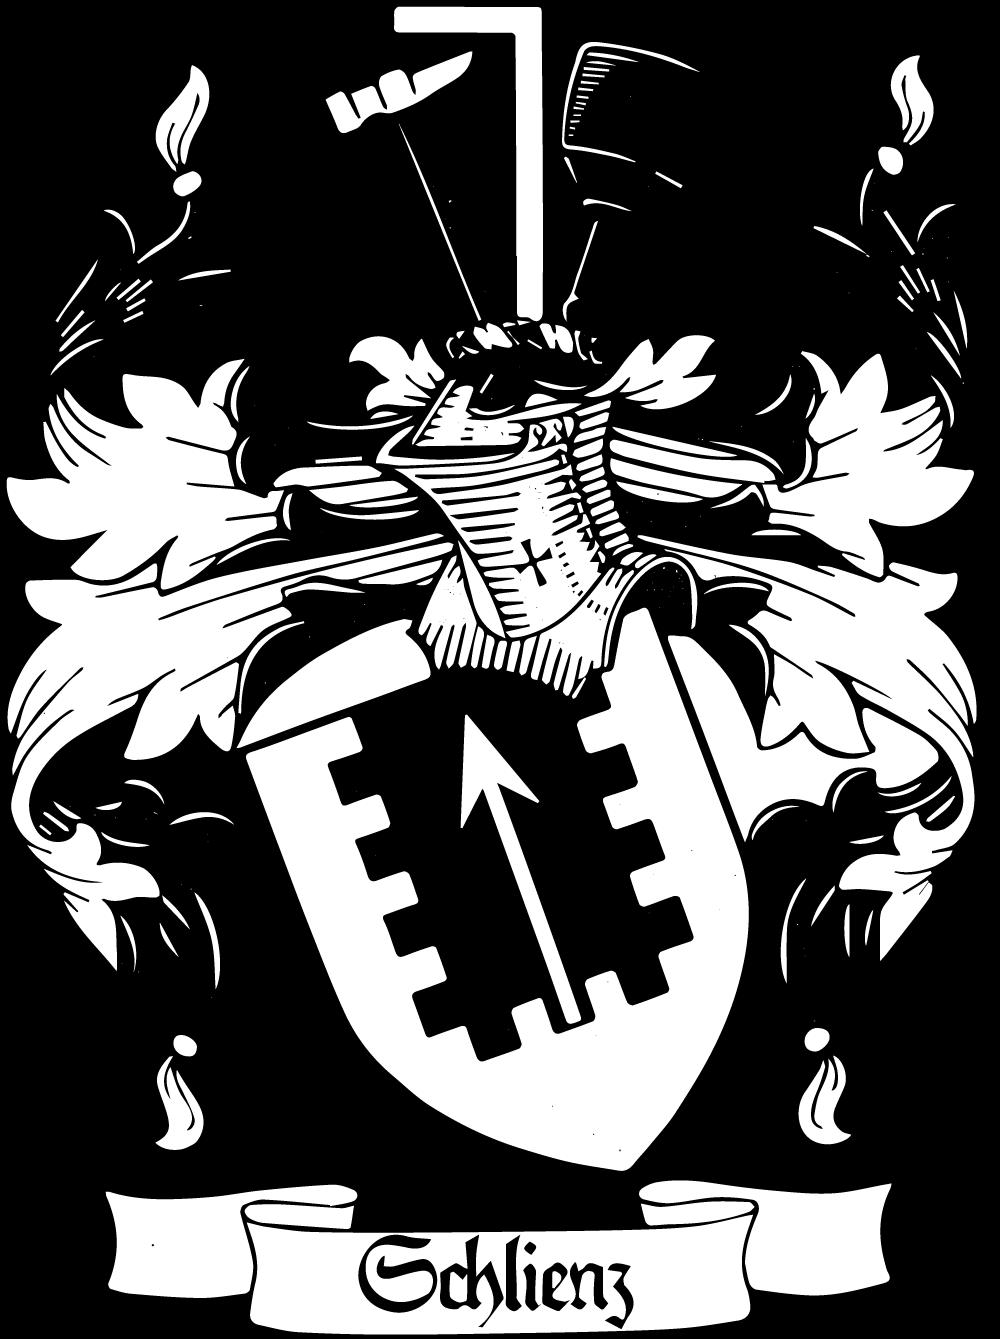 Das Wappen Schlienz aus dem Jahre 1912